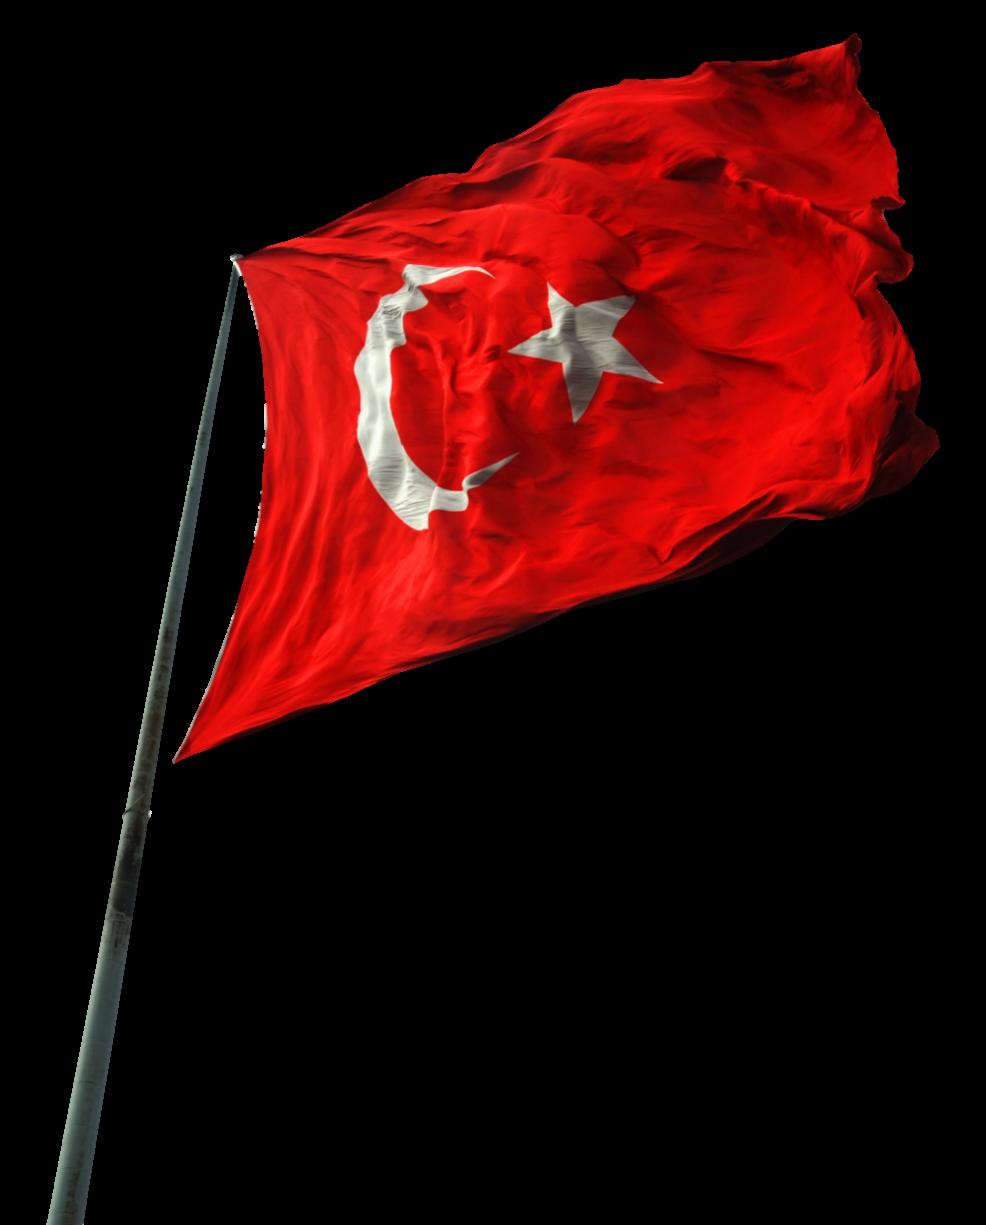 MustafaAK